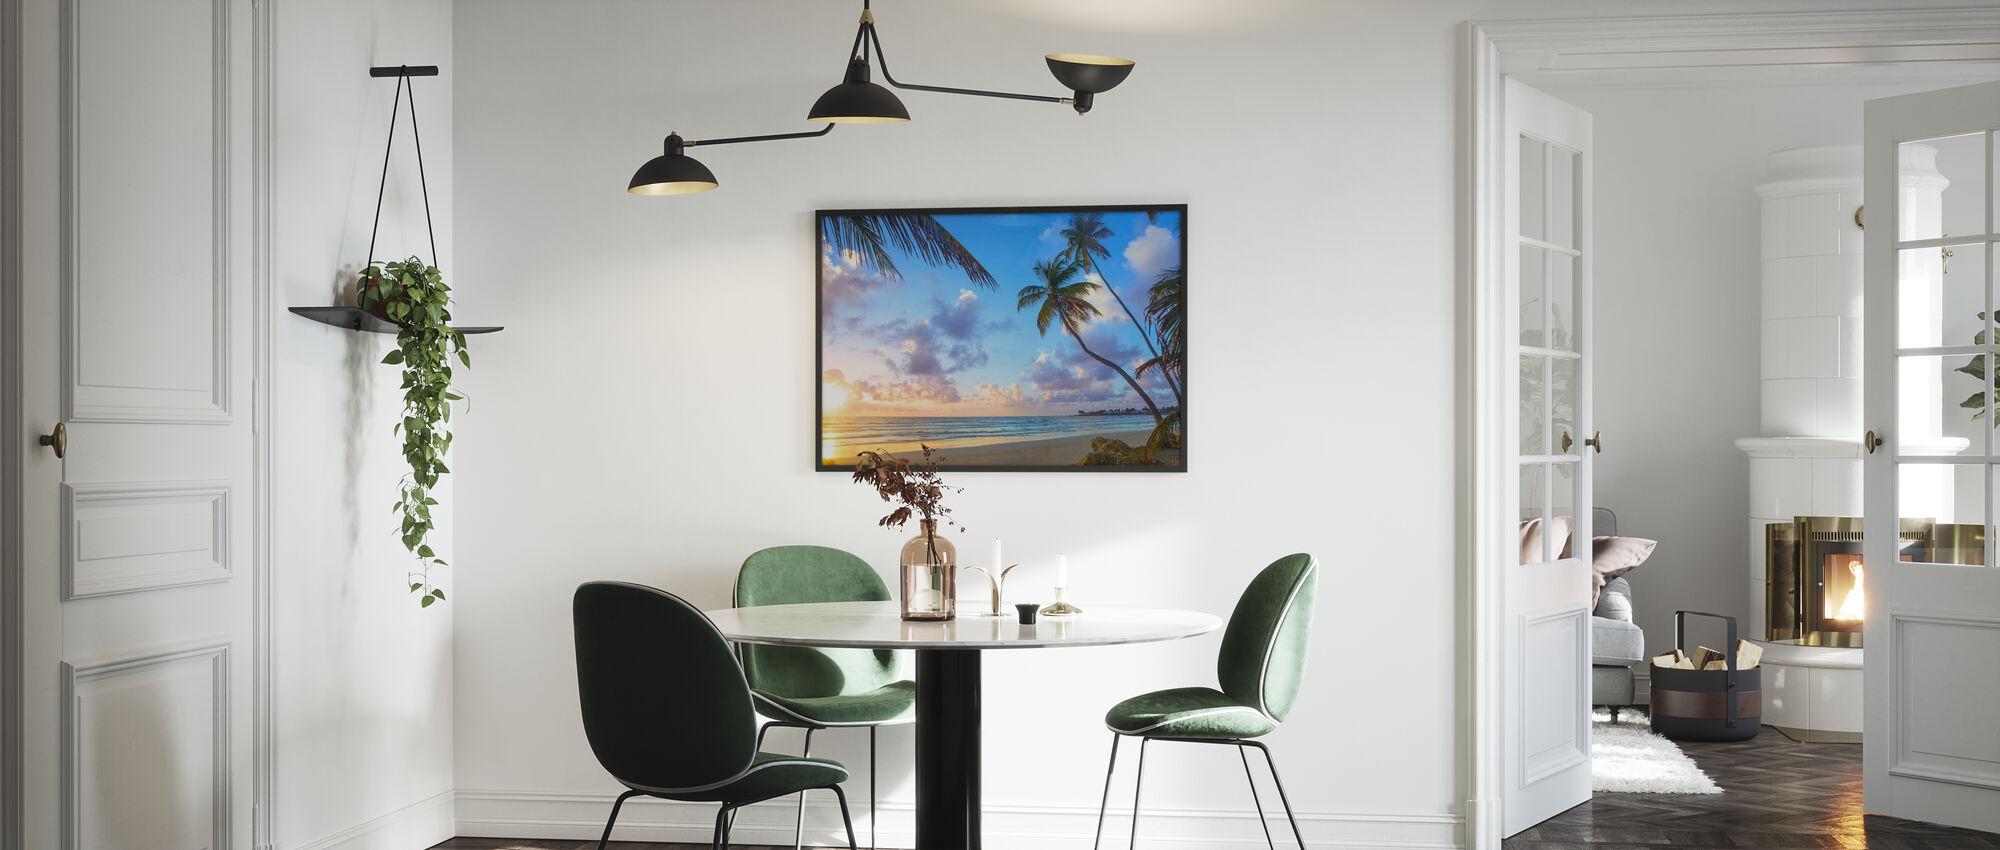 Rockley Bay, Tobago - Framed print - Kitchen